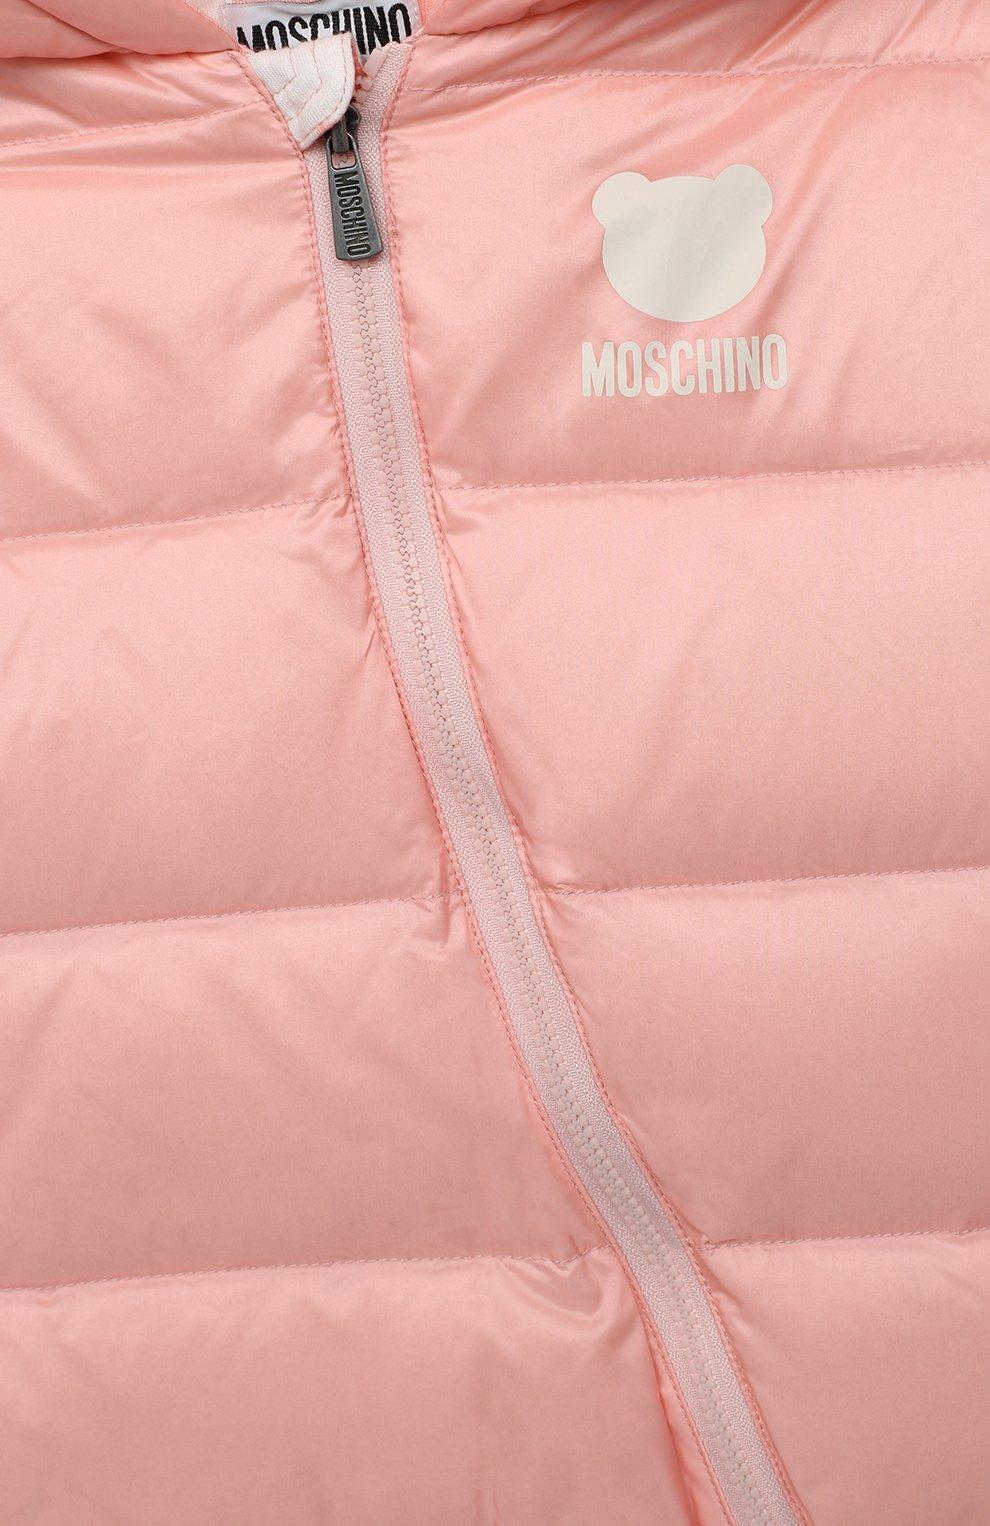 Детского пуховый комбинезон MOSCHINO розового цвета, арт. MUS01Q/L3A22 | Фото 3 (Рукава: Длинные; Материал внешний: Синтетический материал; Материал утеплителя: Пух и перо; Материал подклада: Хлопок; Ростовка одежда: 12 мес | 80 см, 18 мес | 86 см, 24 мес | 92 см)